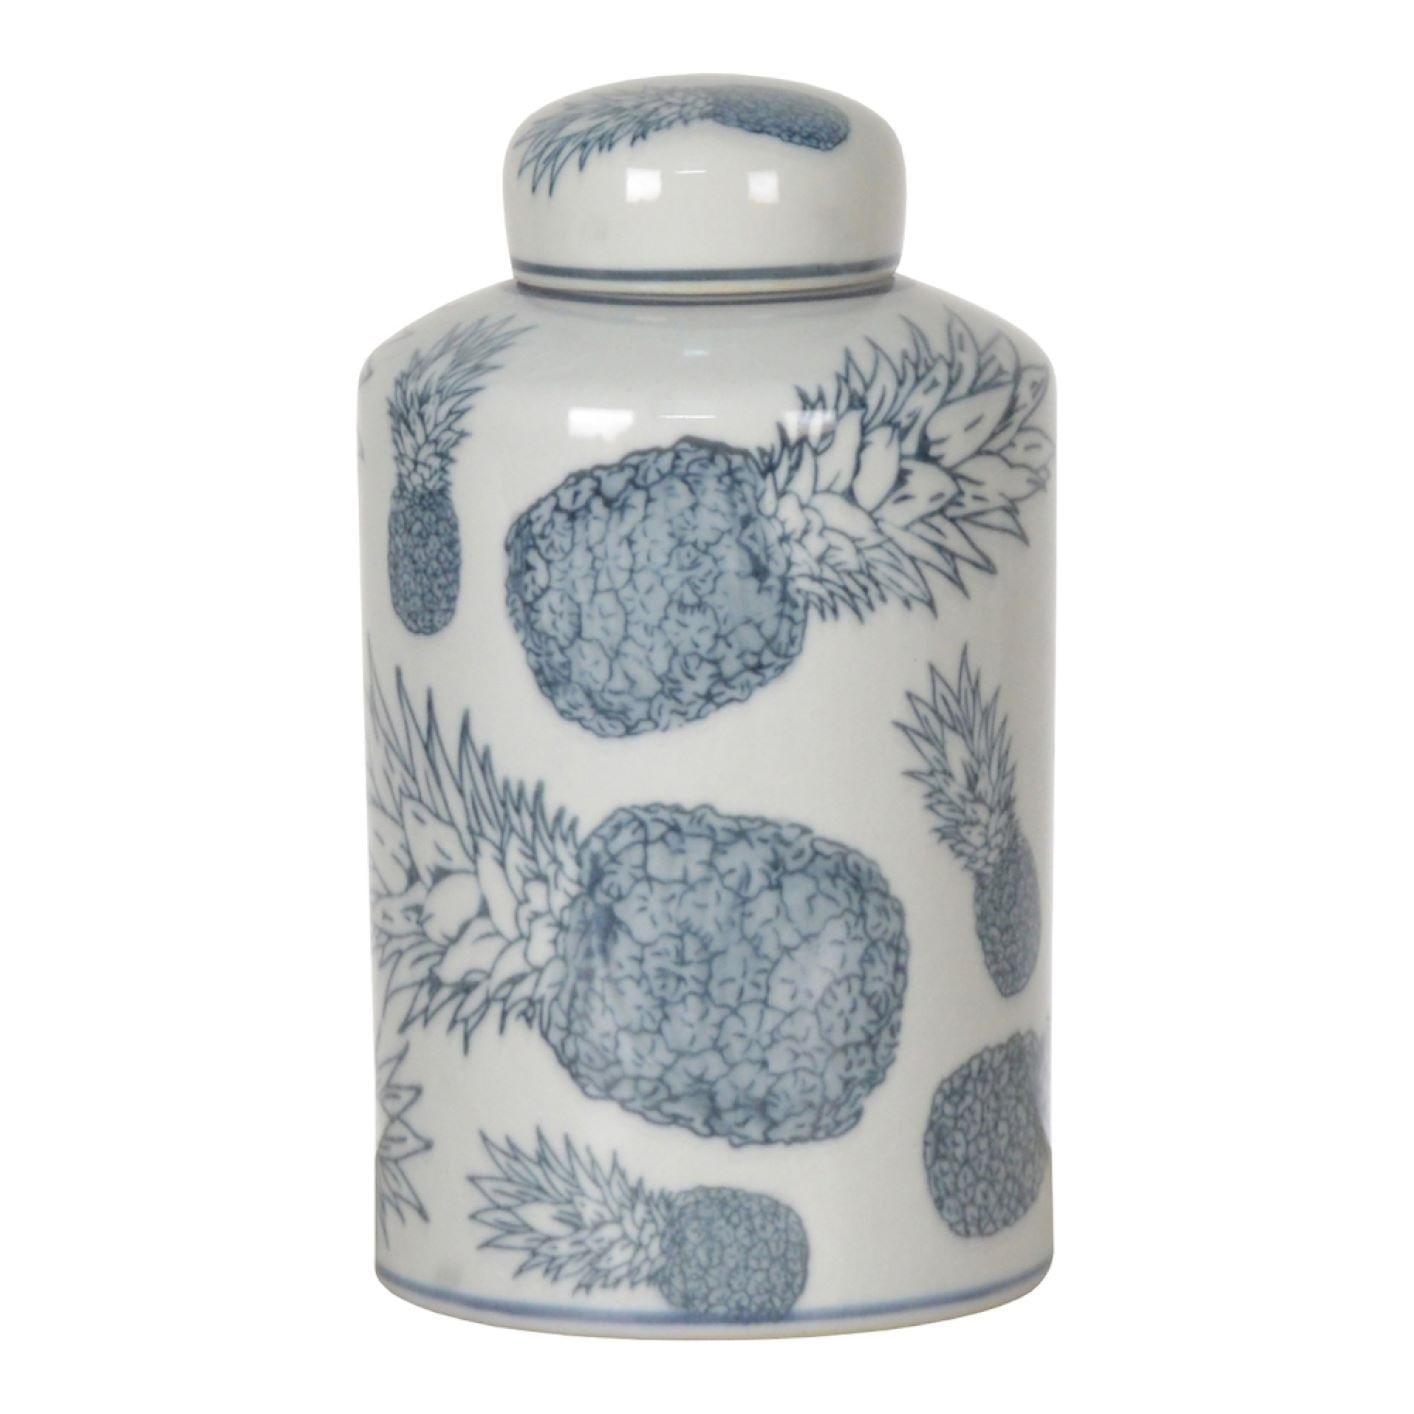 Potiche de Porcelana Decorativo Pote Azul e Branco Abacaxis